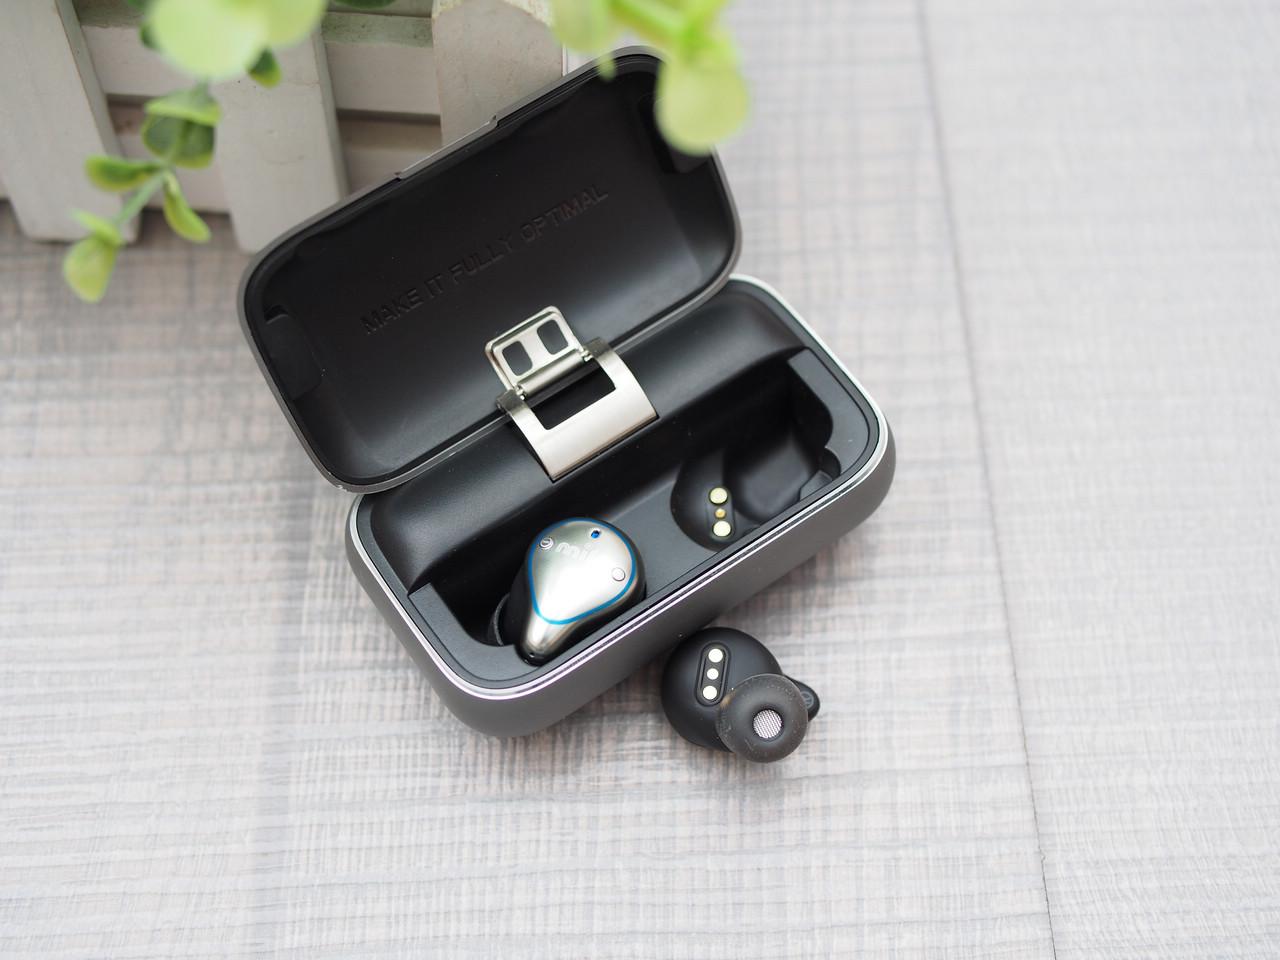 真无线,全频动铁——Mifo O5无线运动耳机